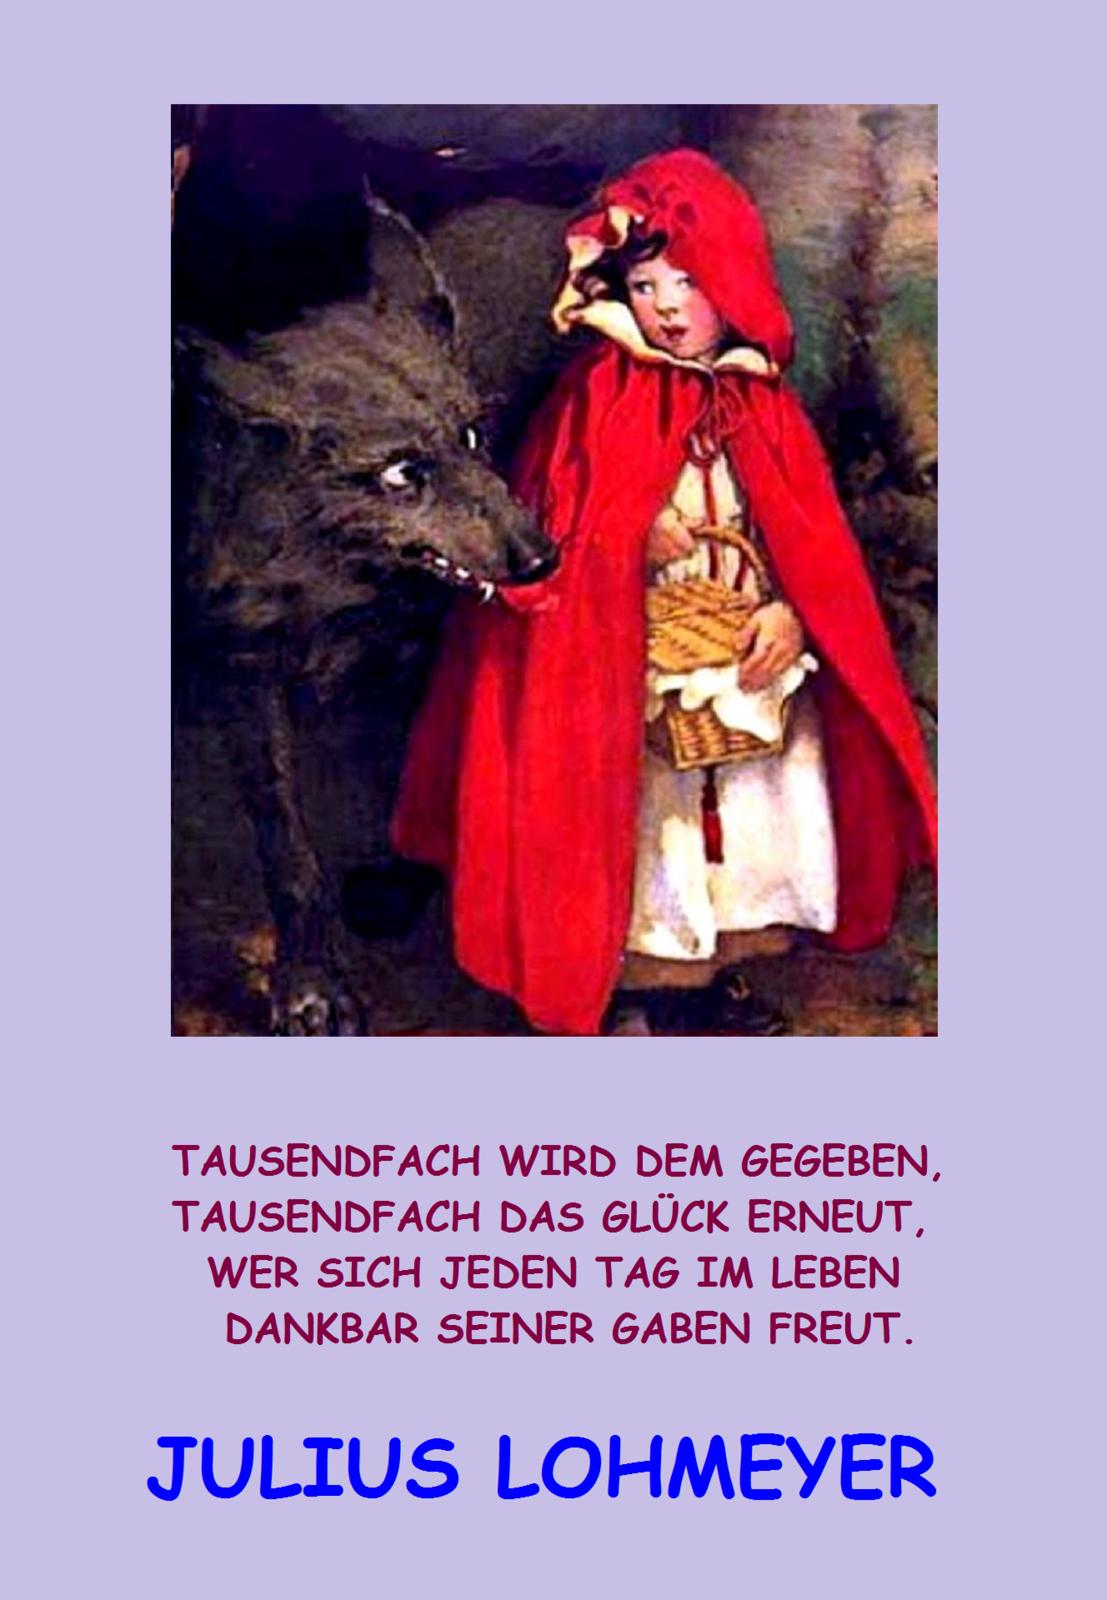 Aufruhr im Niemandsland von Susanne Ulrike Maria Albrecht